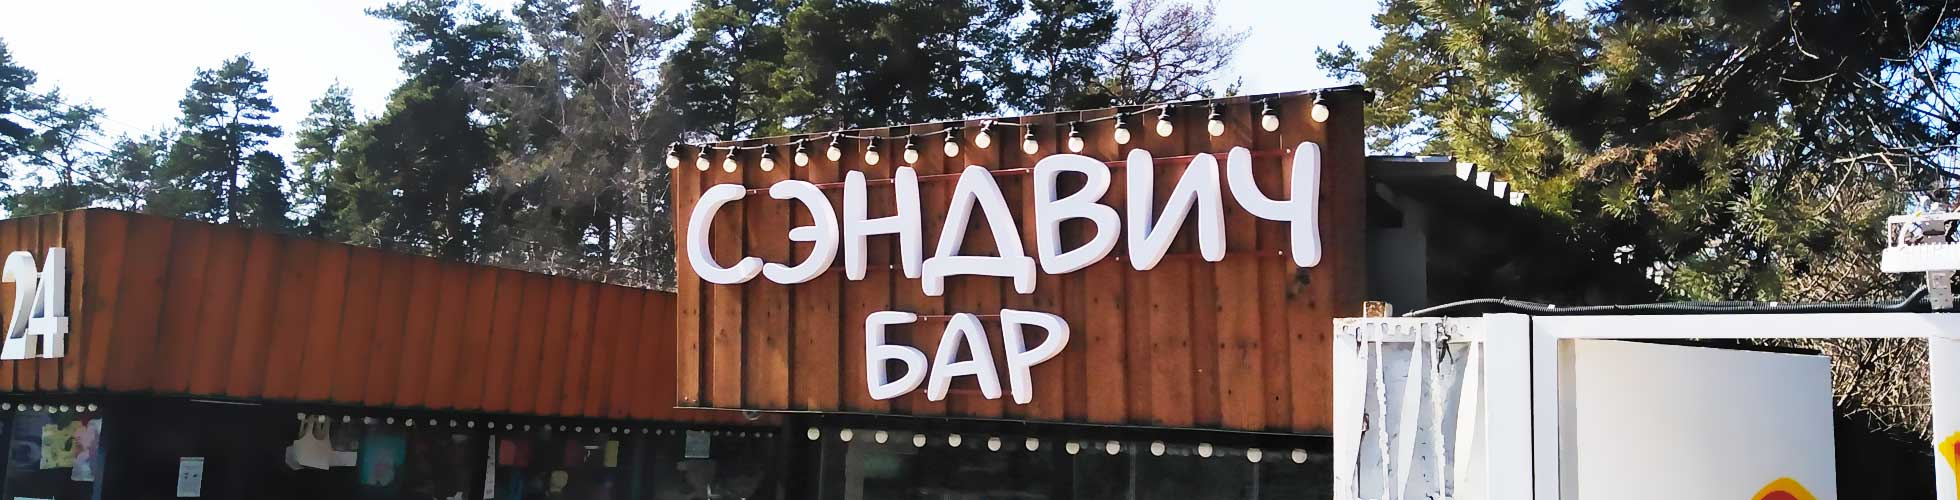 sendvich-bar-6